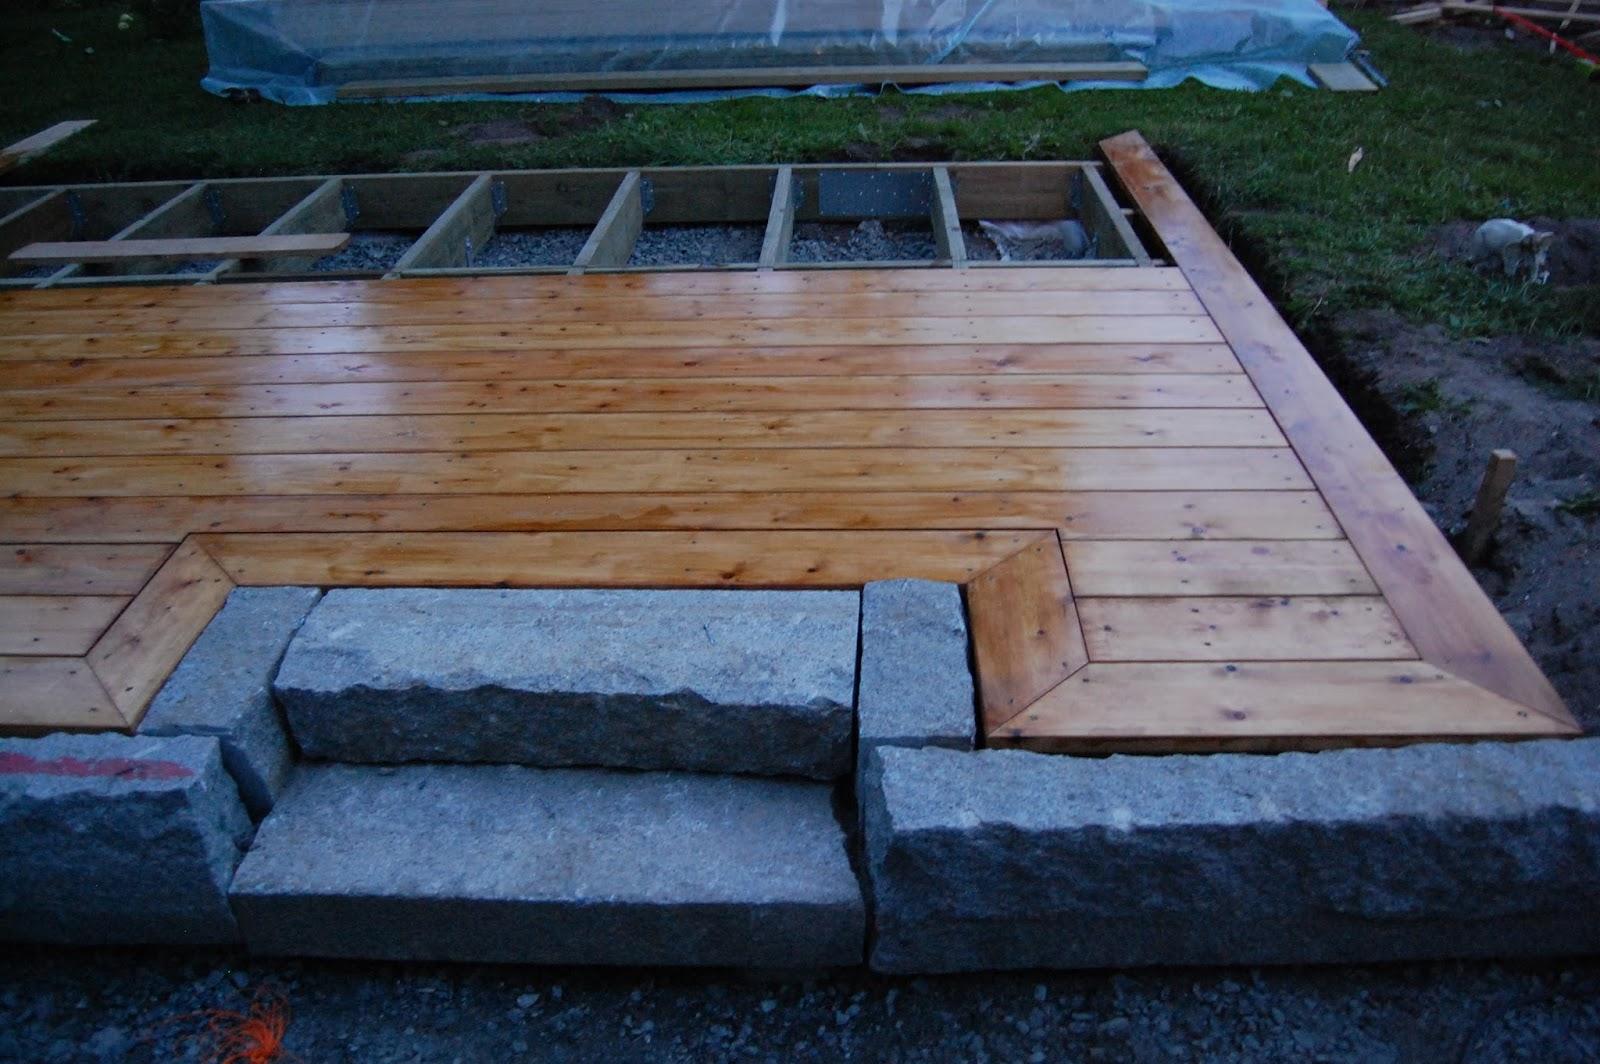 Inredning lägga trall på balkong : 2017 198923417896 Lägga Trall, FÃ¥ idéer, exempel, design och ...